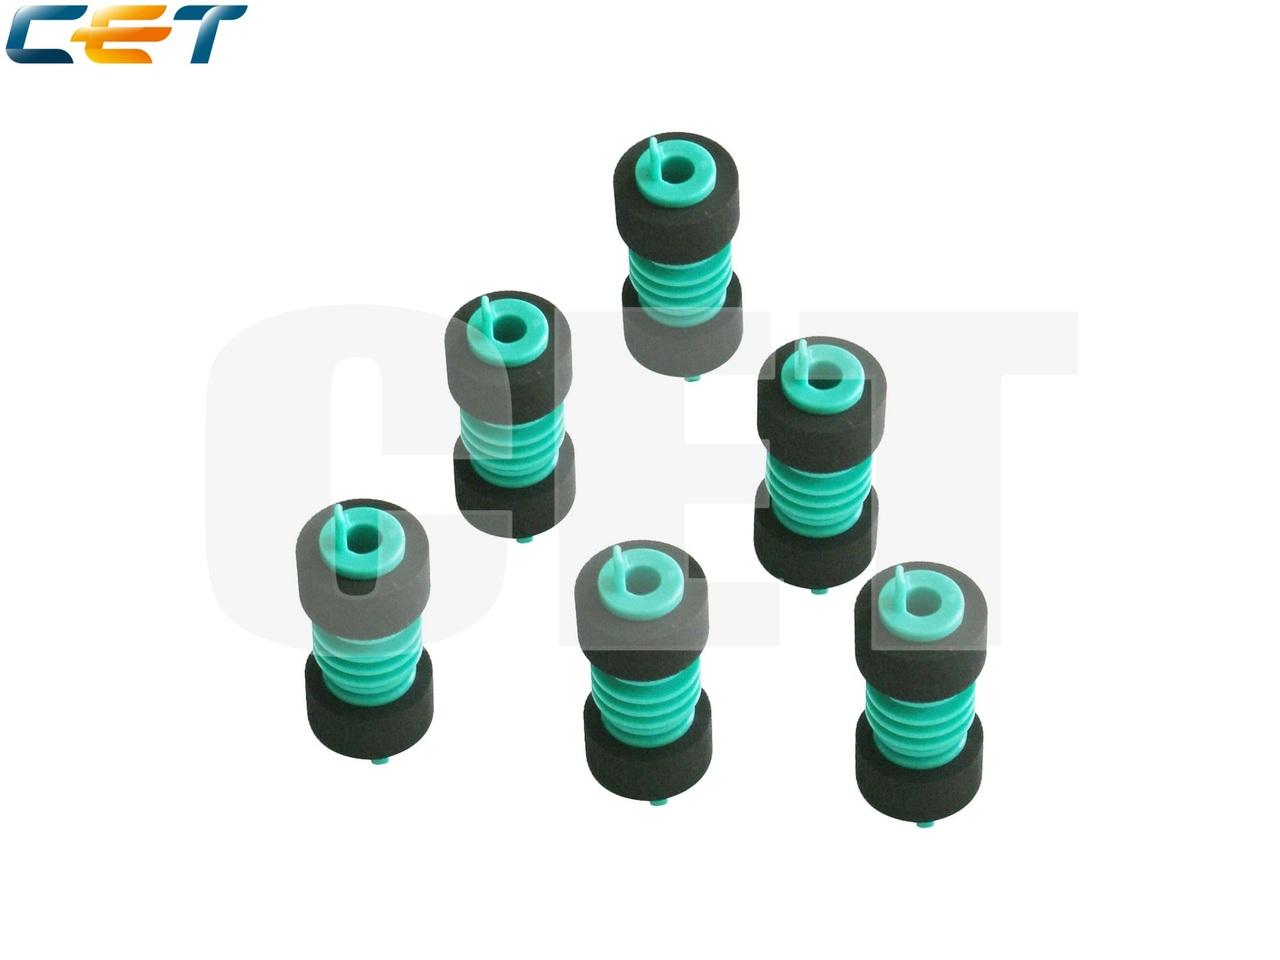 Комплект роликов 40X0594 для LEXMARKC935DN/W840/W850, XEROX Phaser 5500/5550/7700,WorkCentre 7328/7335 (CET), 6 шт/компл, CET3958